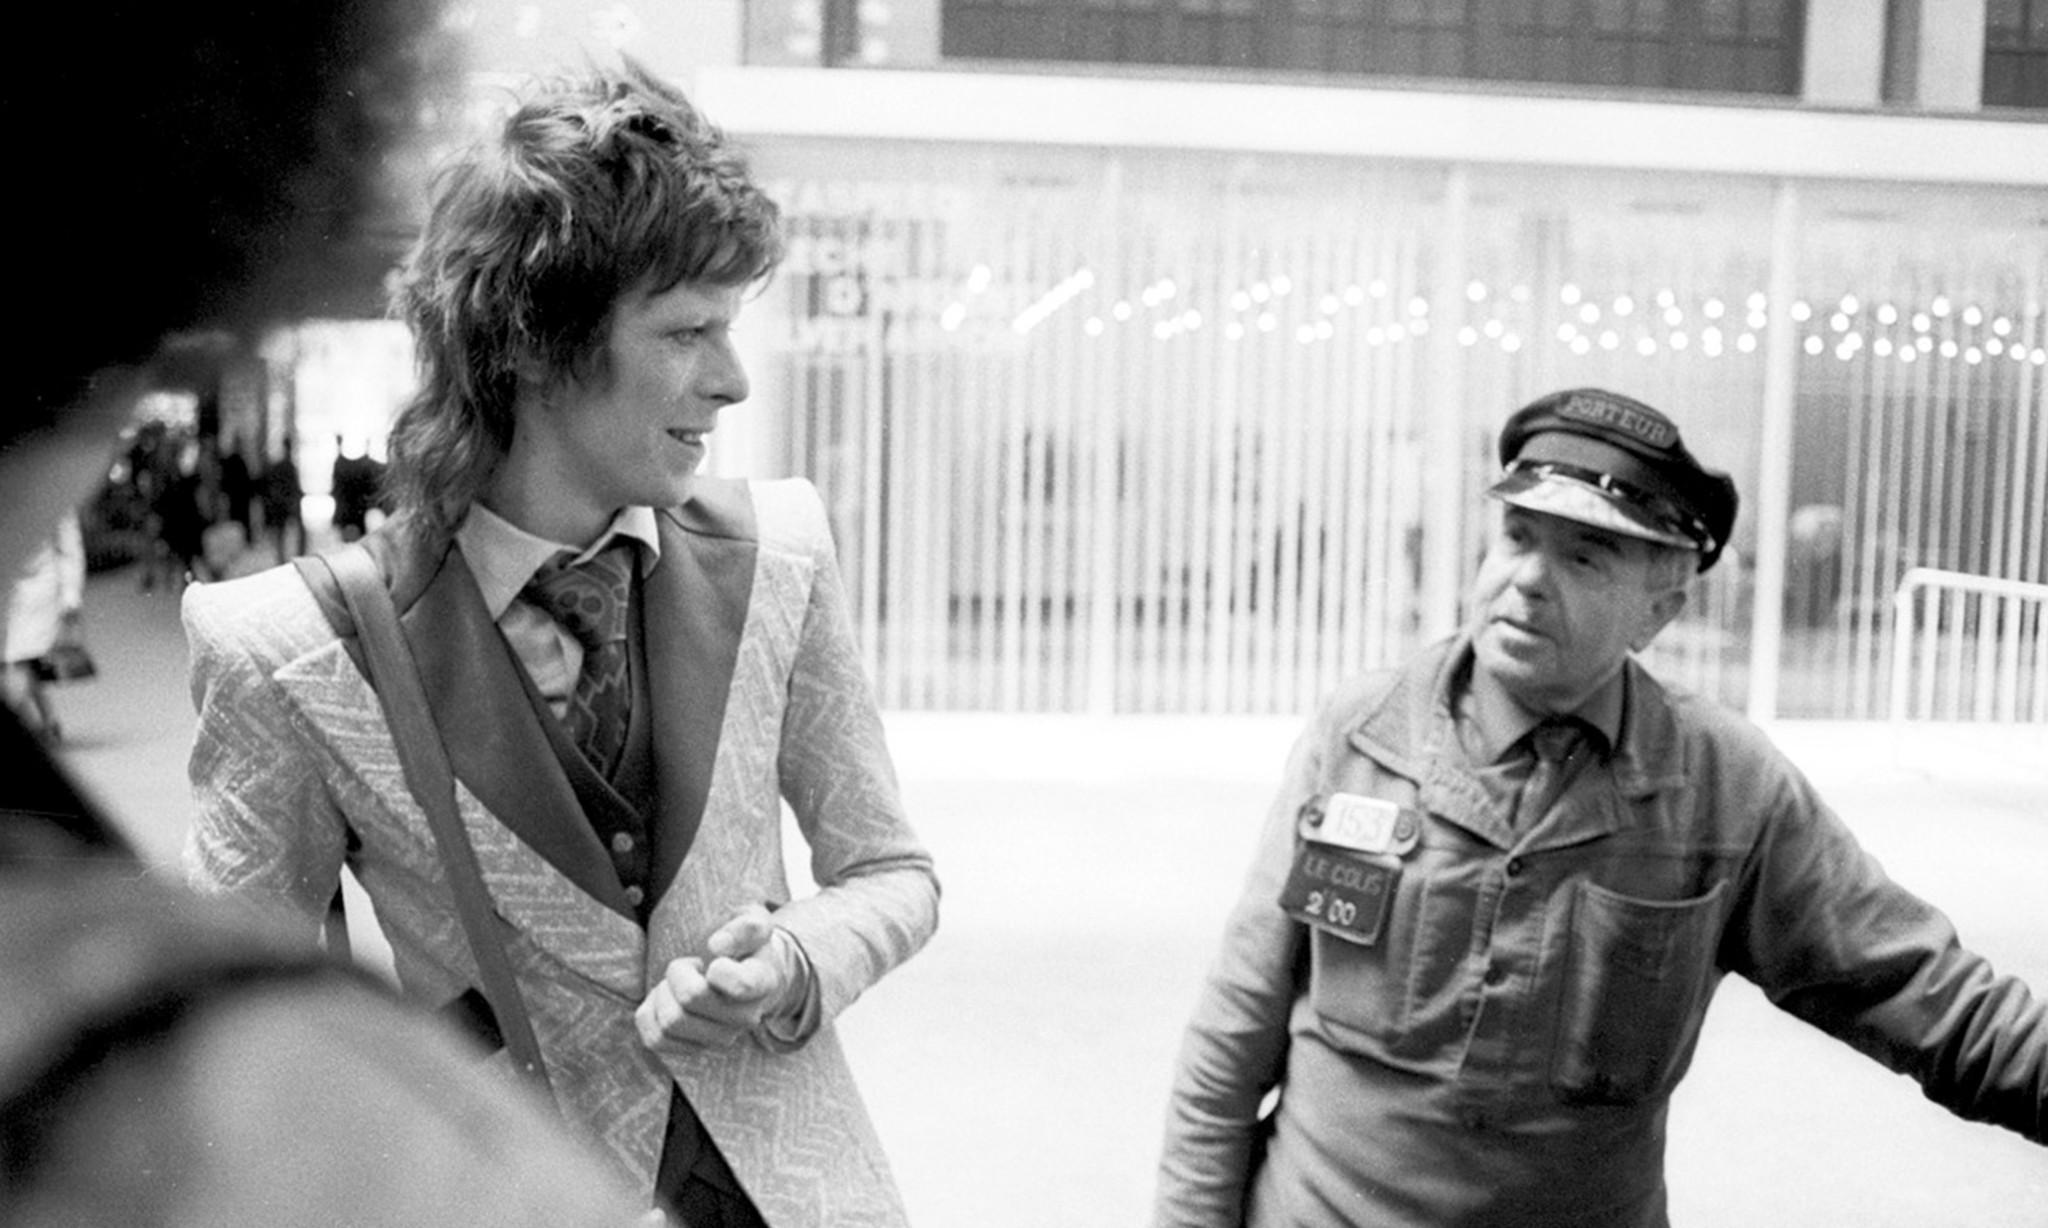 Joe Stevens' best photograph: David Bowie chats to a Paris station porter